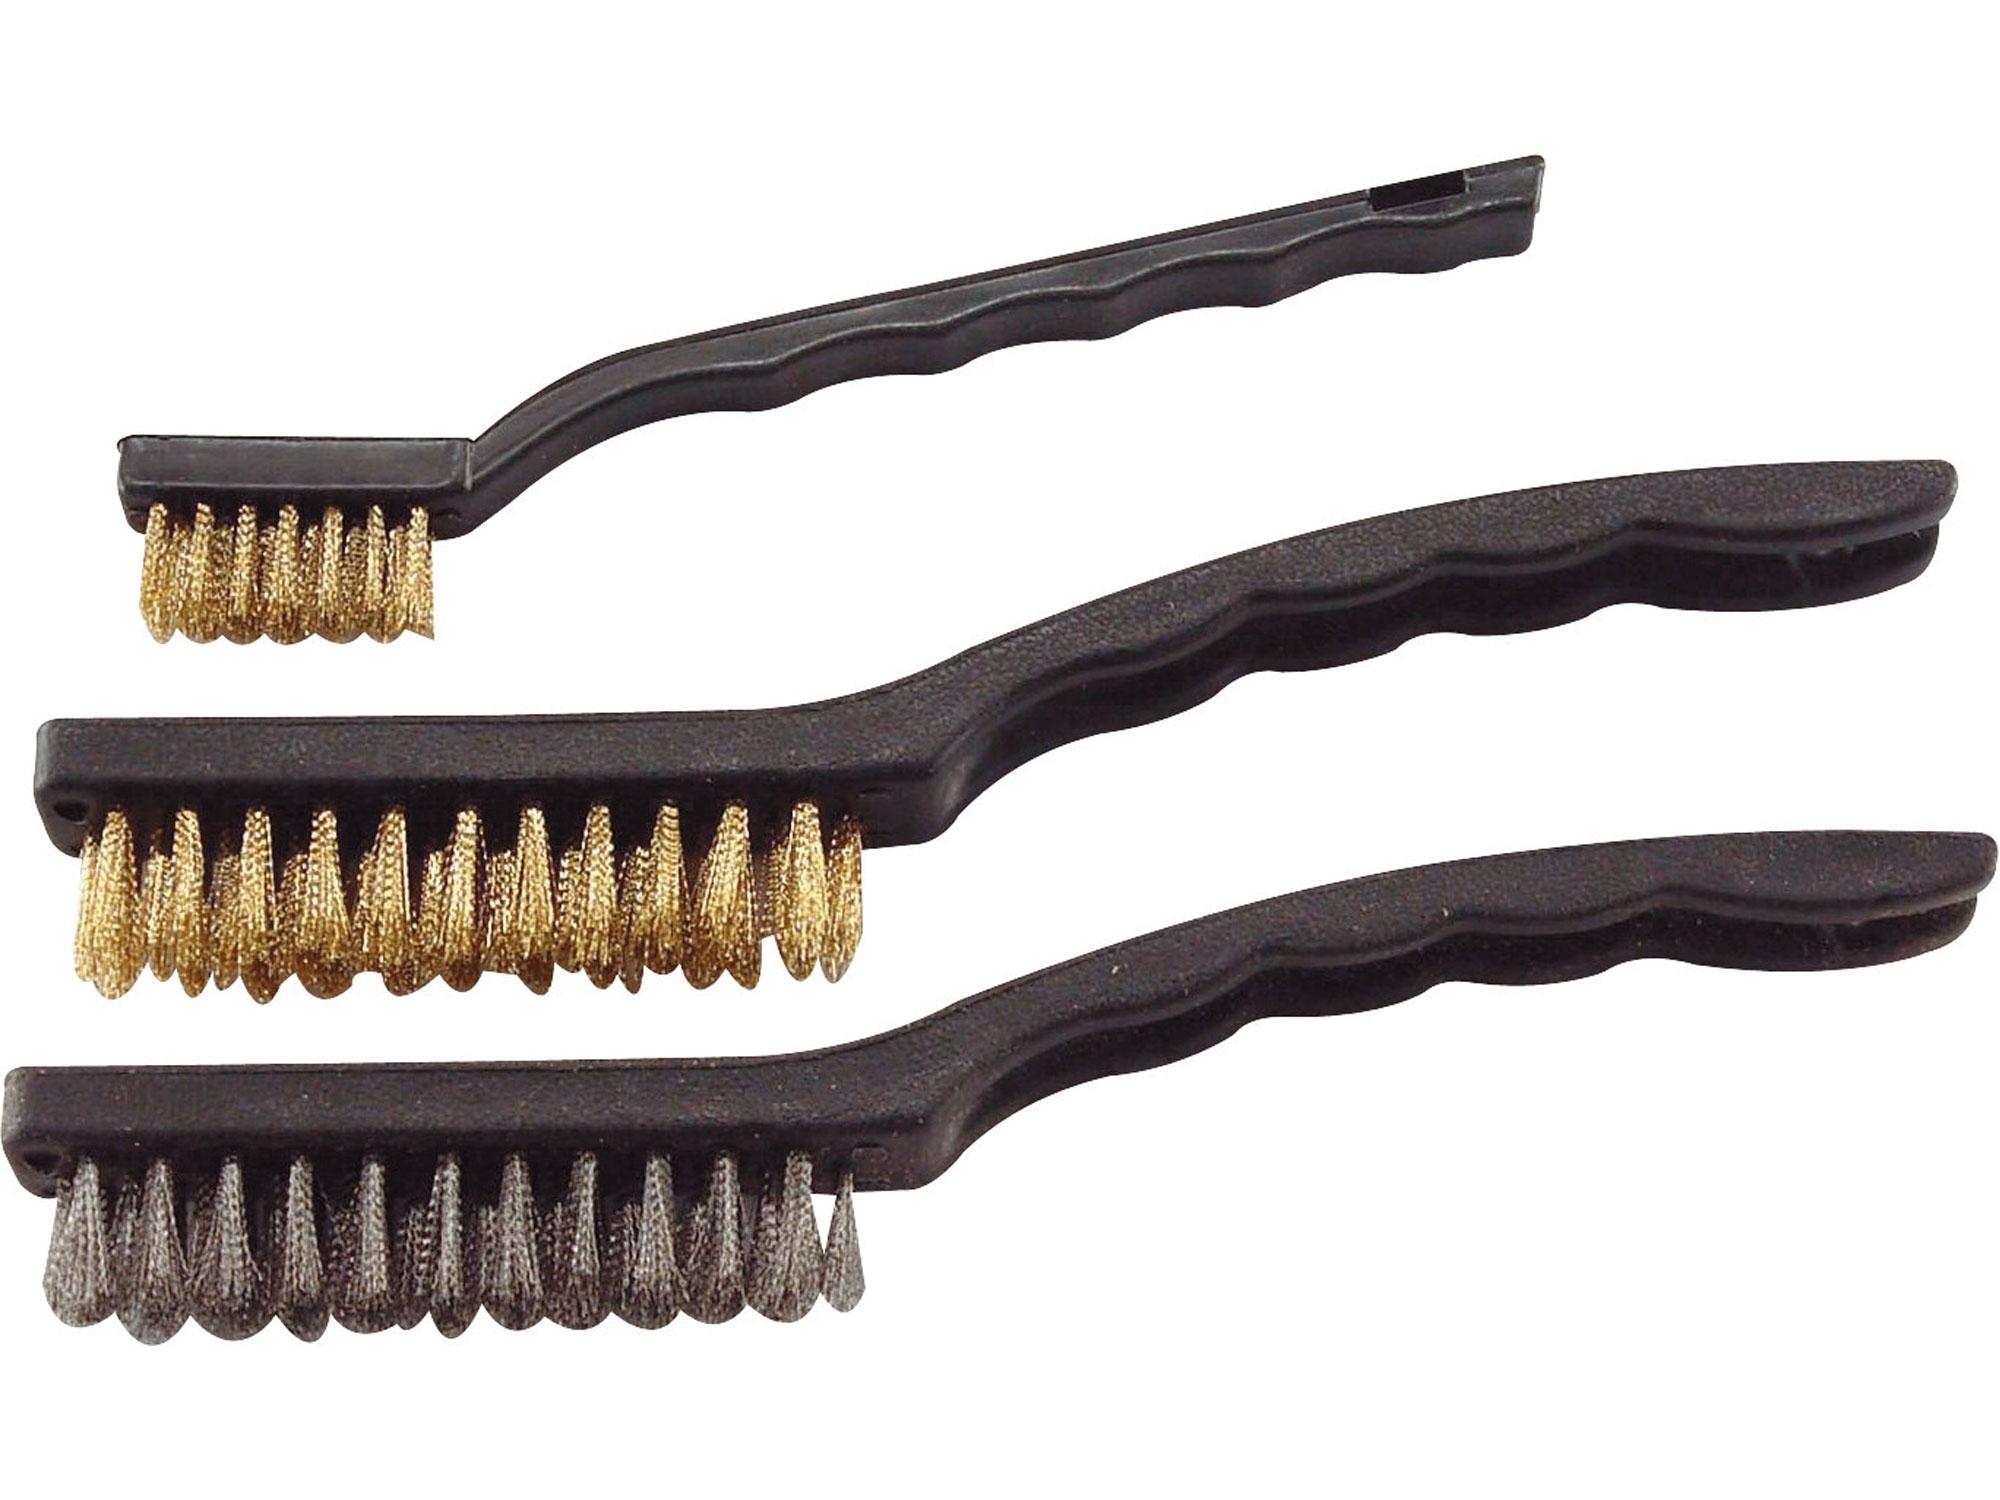 kartáče ocelové, sada 3ks, 180mm, 2x225mm, Fe/MOSAZ, Fe, EXTOL CRAFT 1848